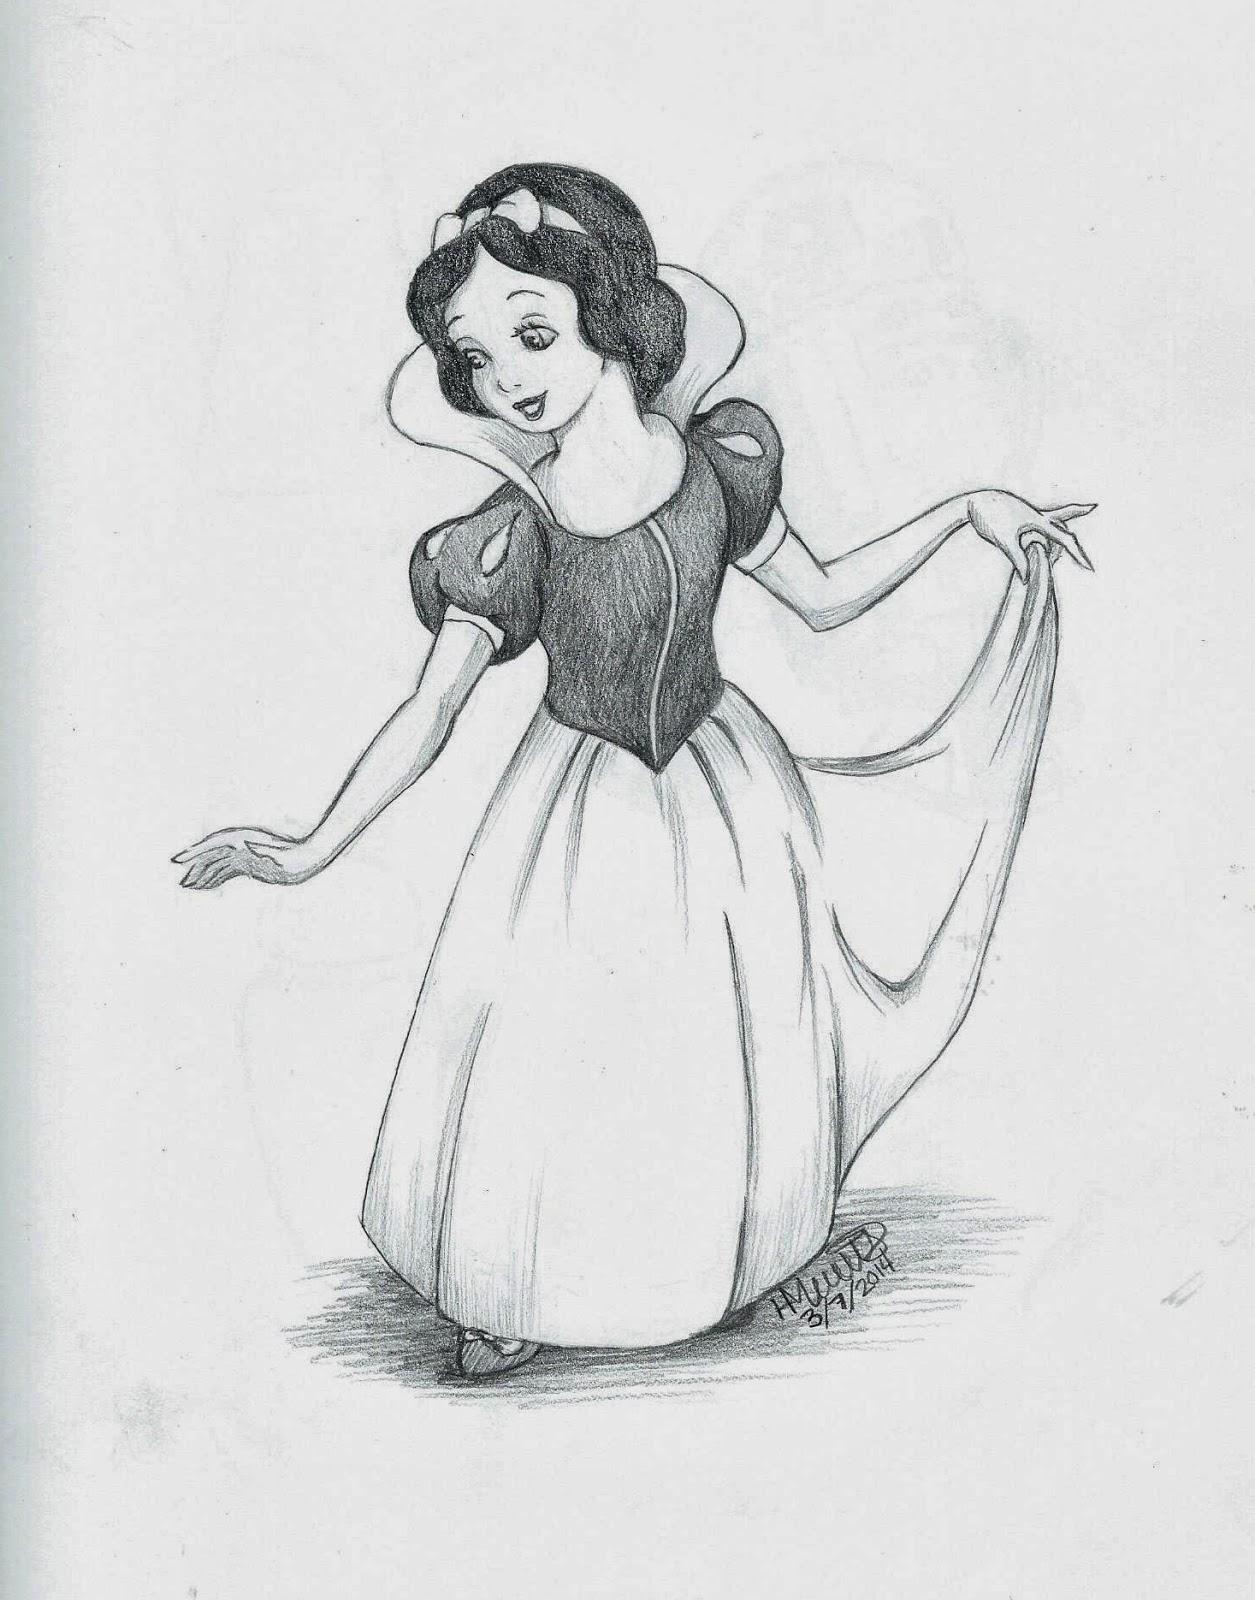 Snow white drawing andy10b fan art 40554939 fanpop